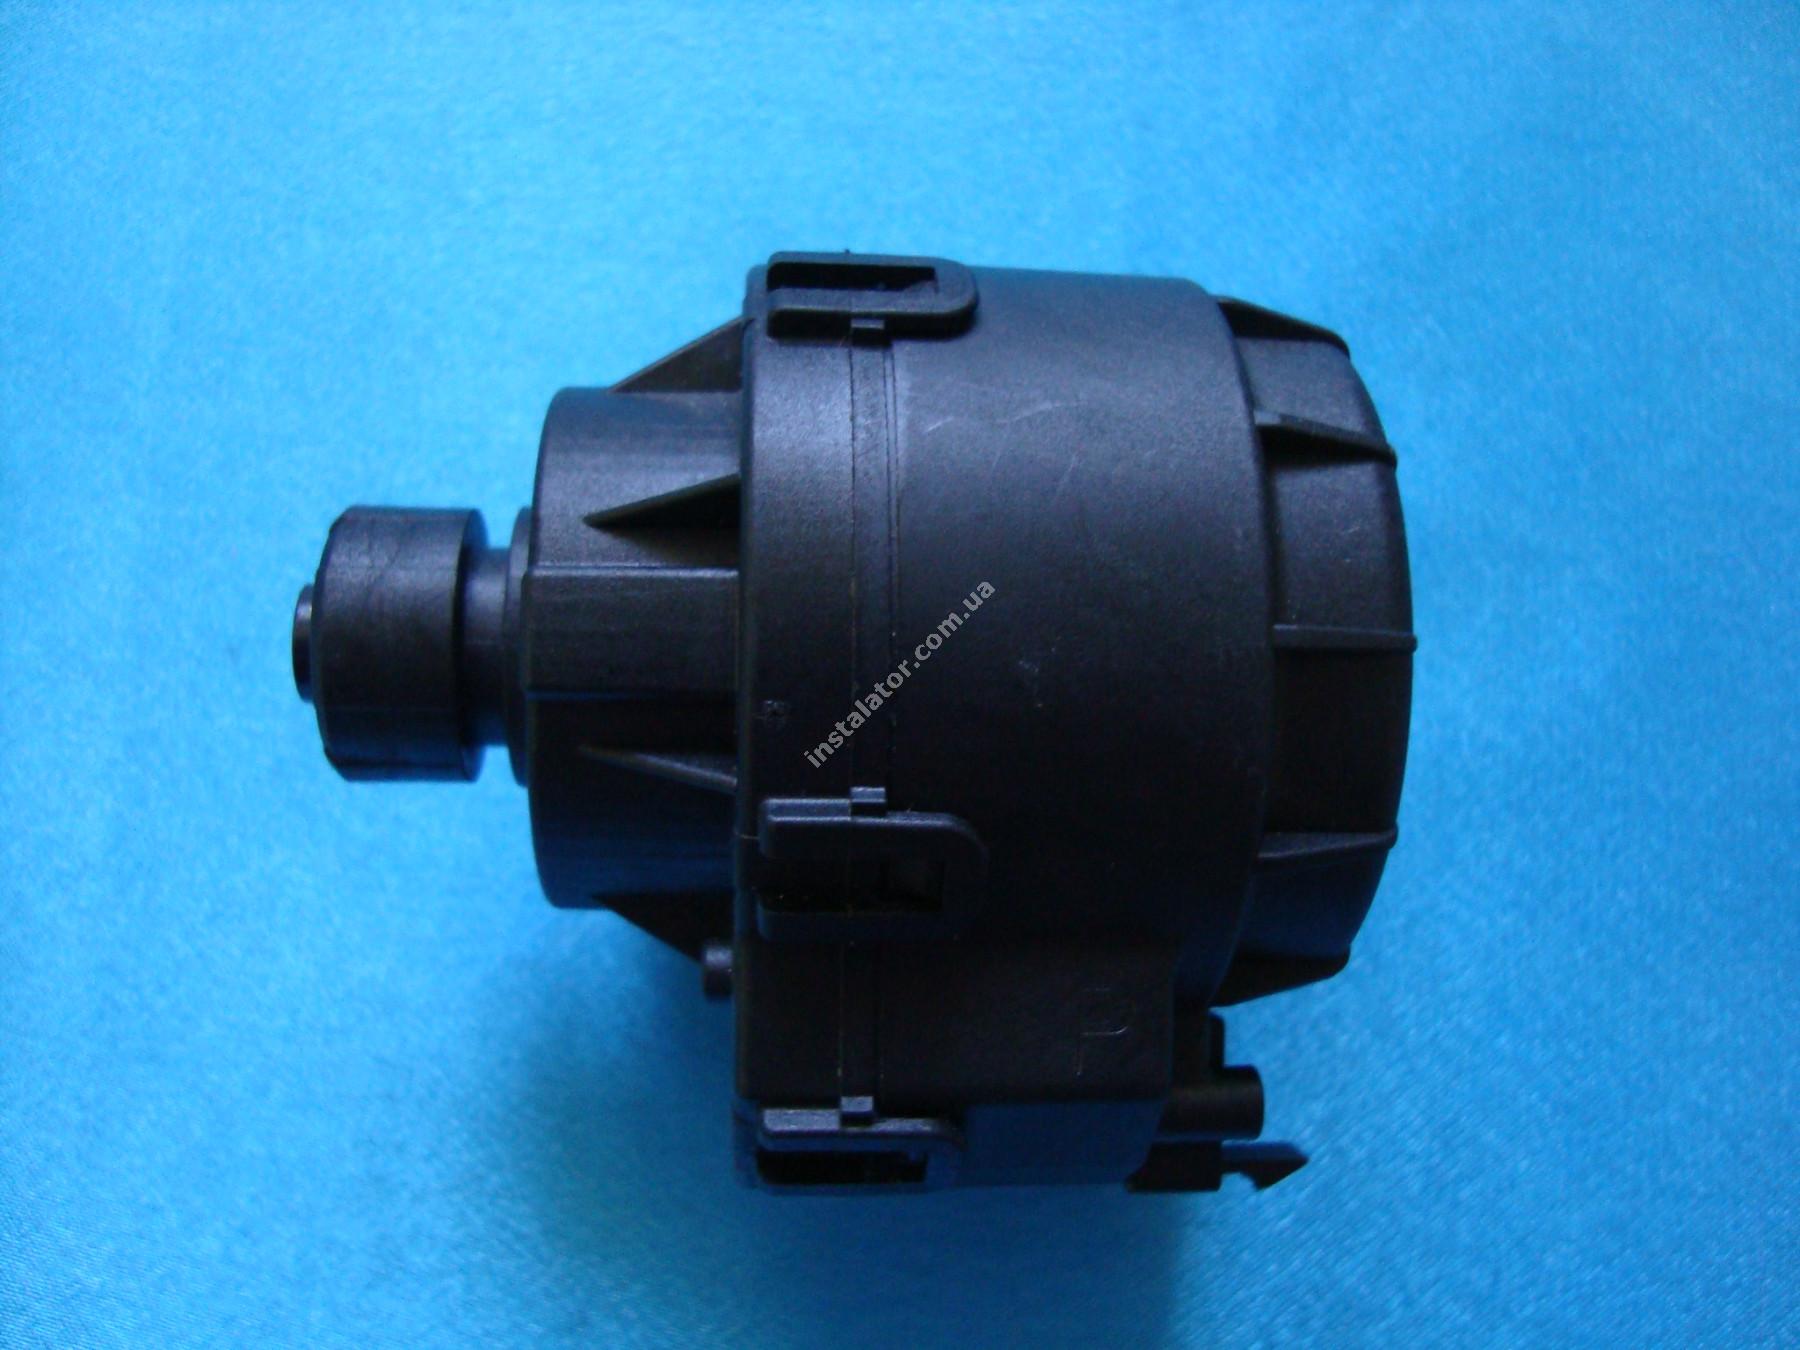 BI1431100 Сервопривід 3-х ходового клапана BIASI Inovia M290 full-image-0